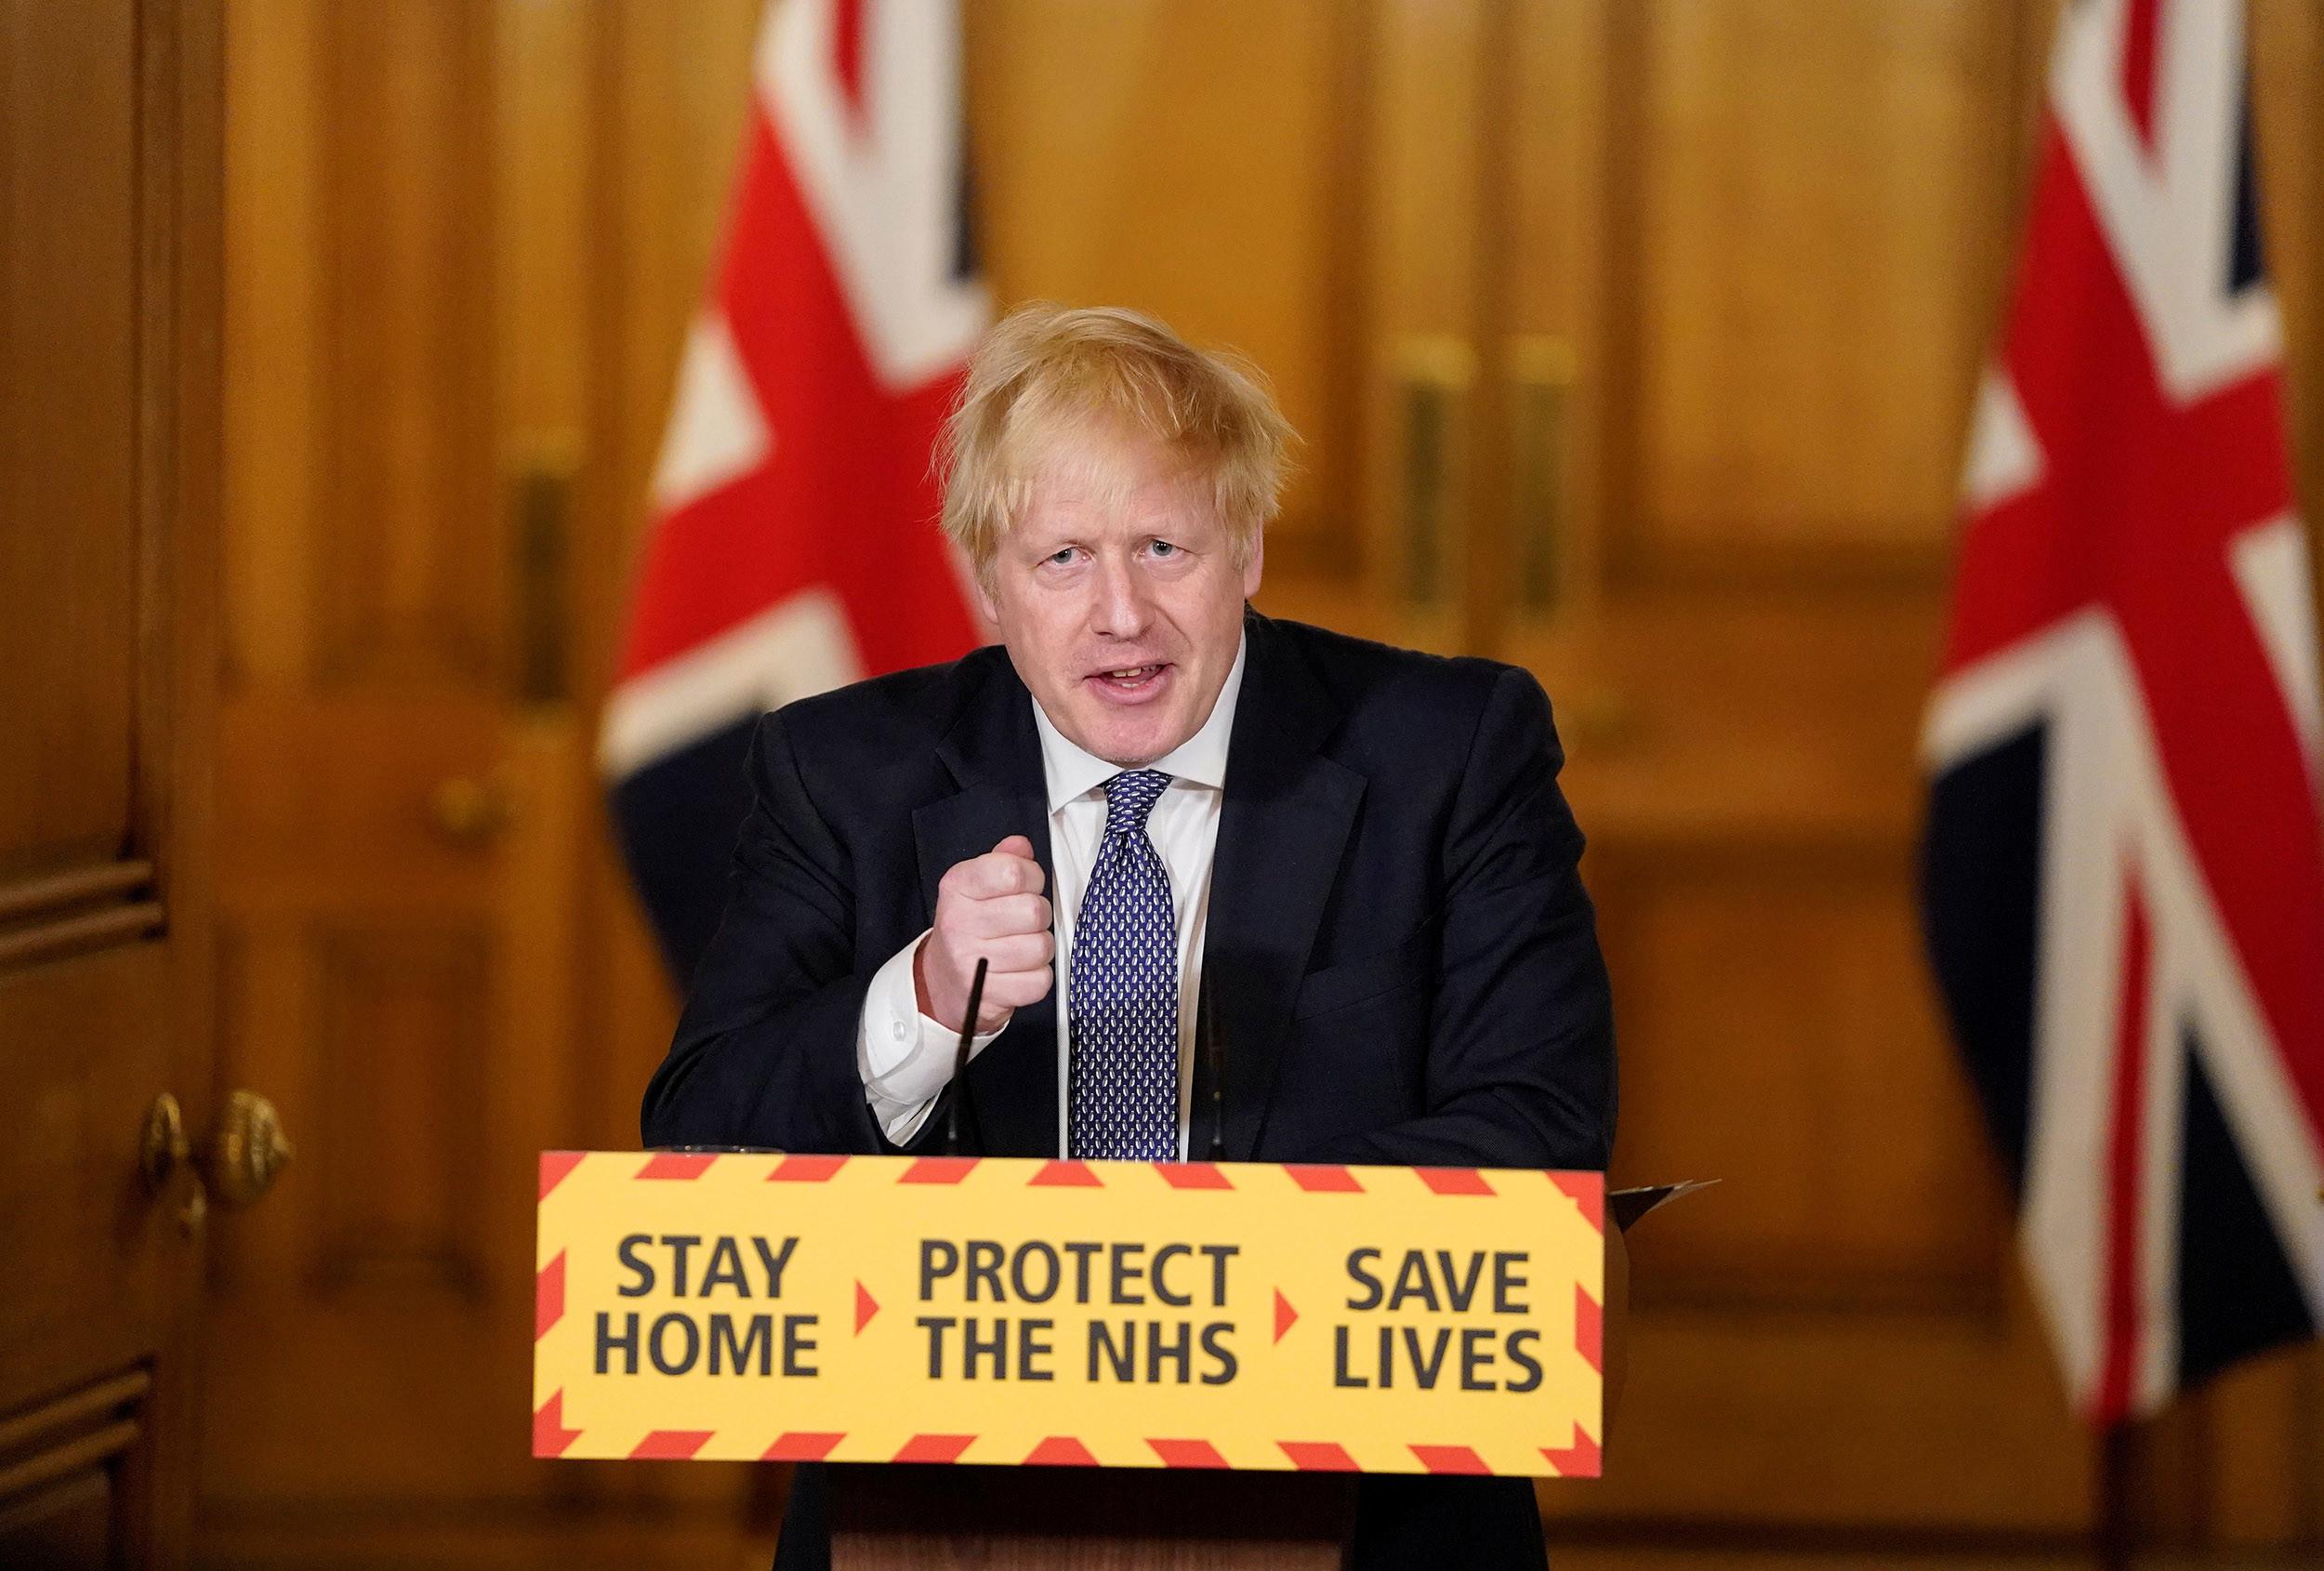 بوريس جونسون يعلن عن قواعد الإغلاق بالكامل في بريطانيا.